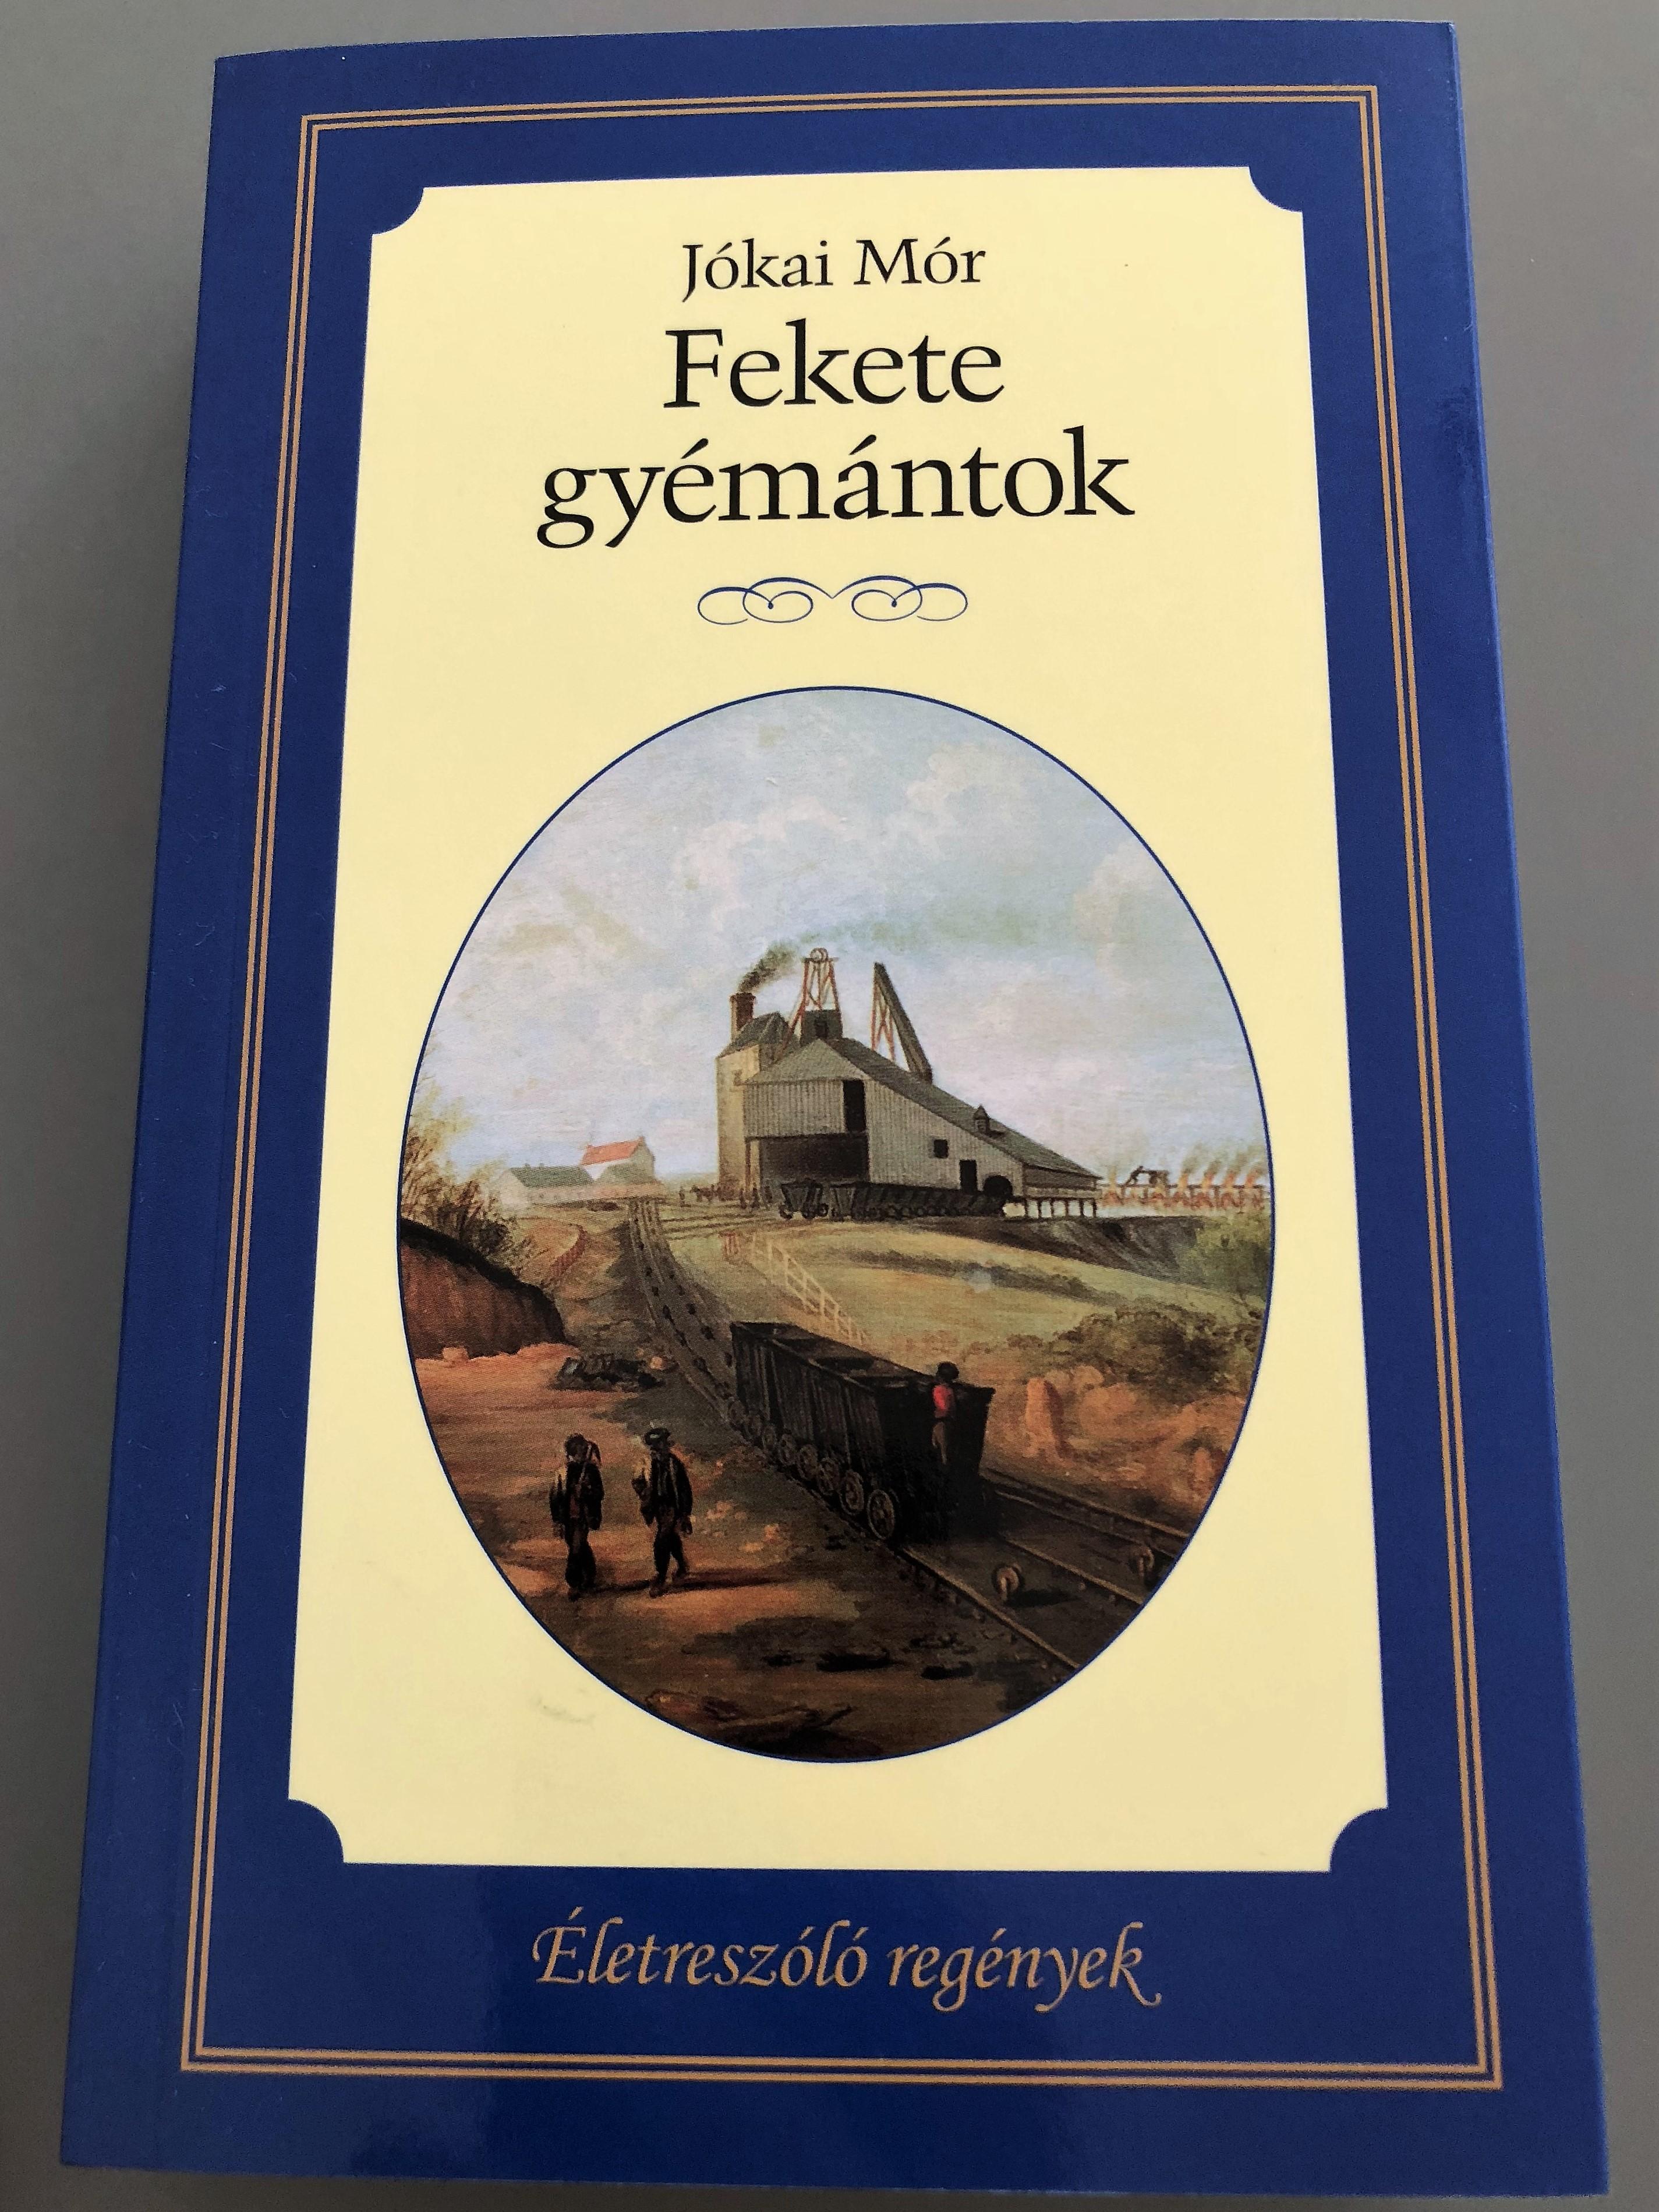 fekete-gy-m-ntok-by-j-kai-m-r-black-diamonds-hungarian-novel-letresz-l-reg-nyek-kossuth-kiad-2015-paperback-1-.jpg